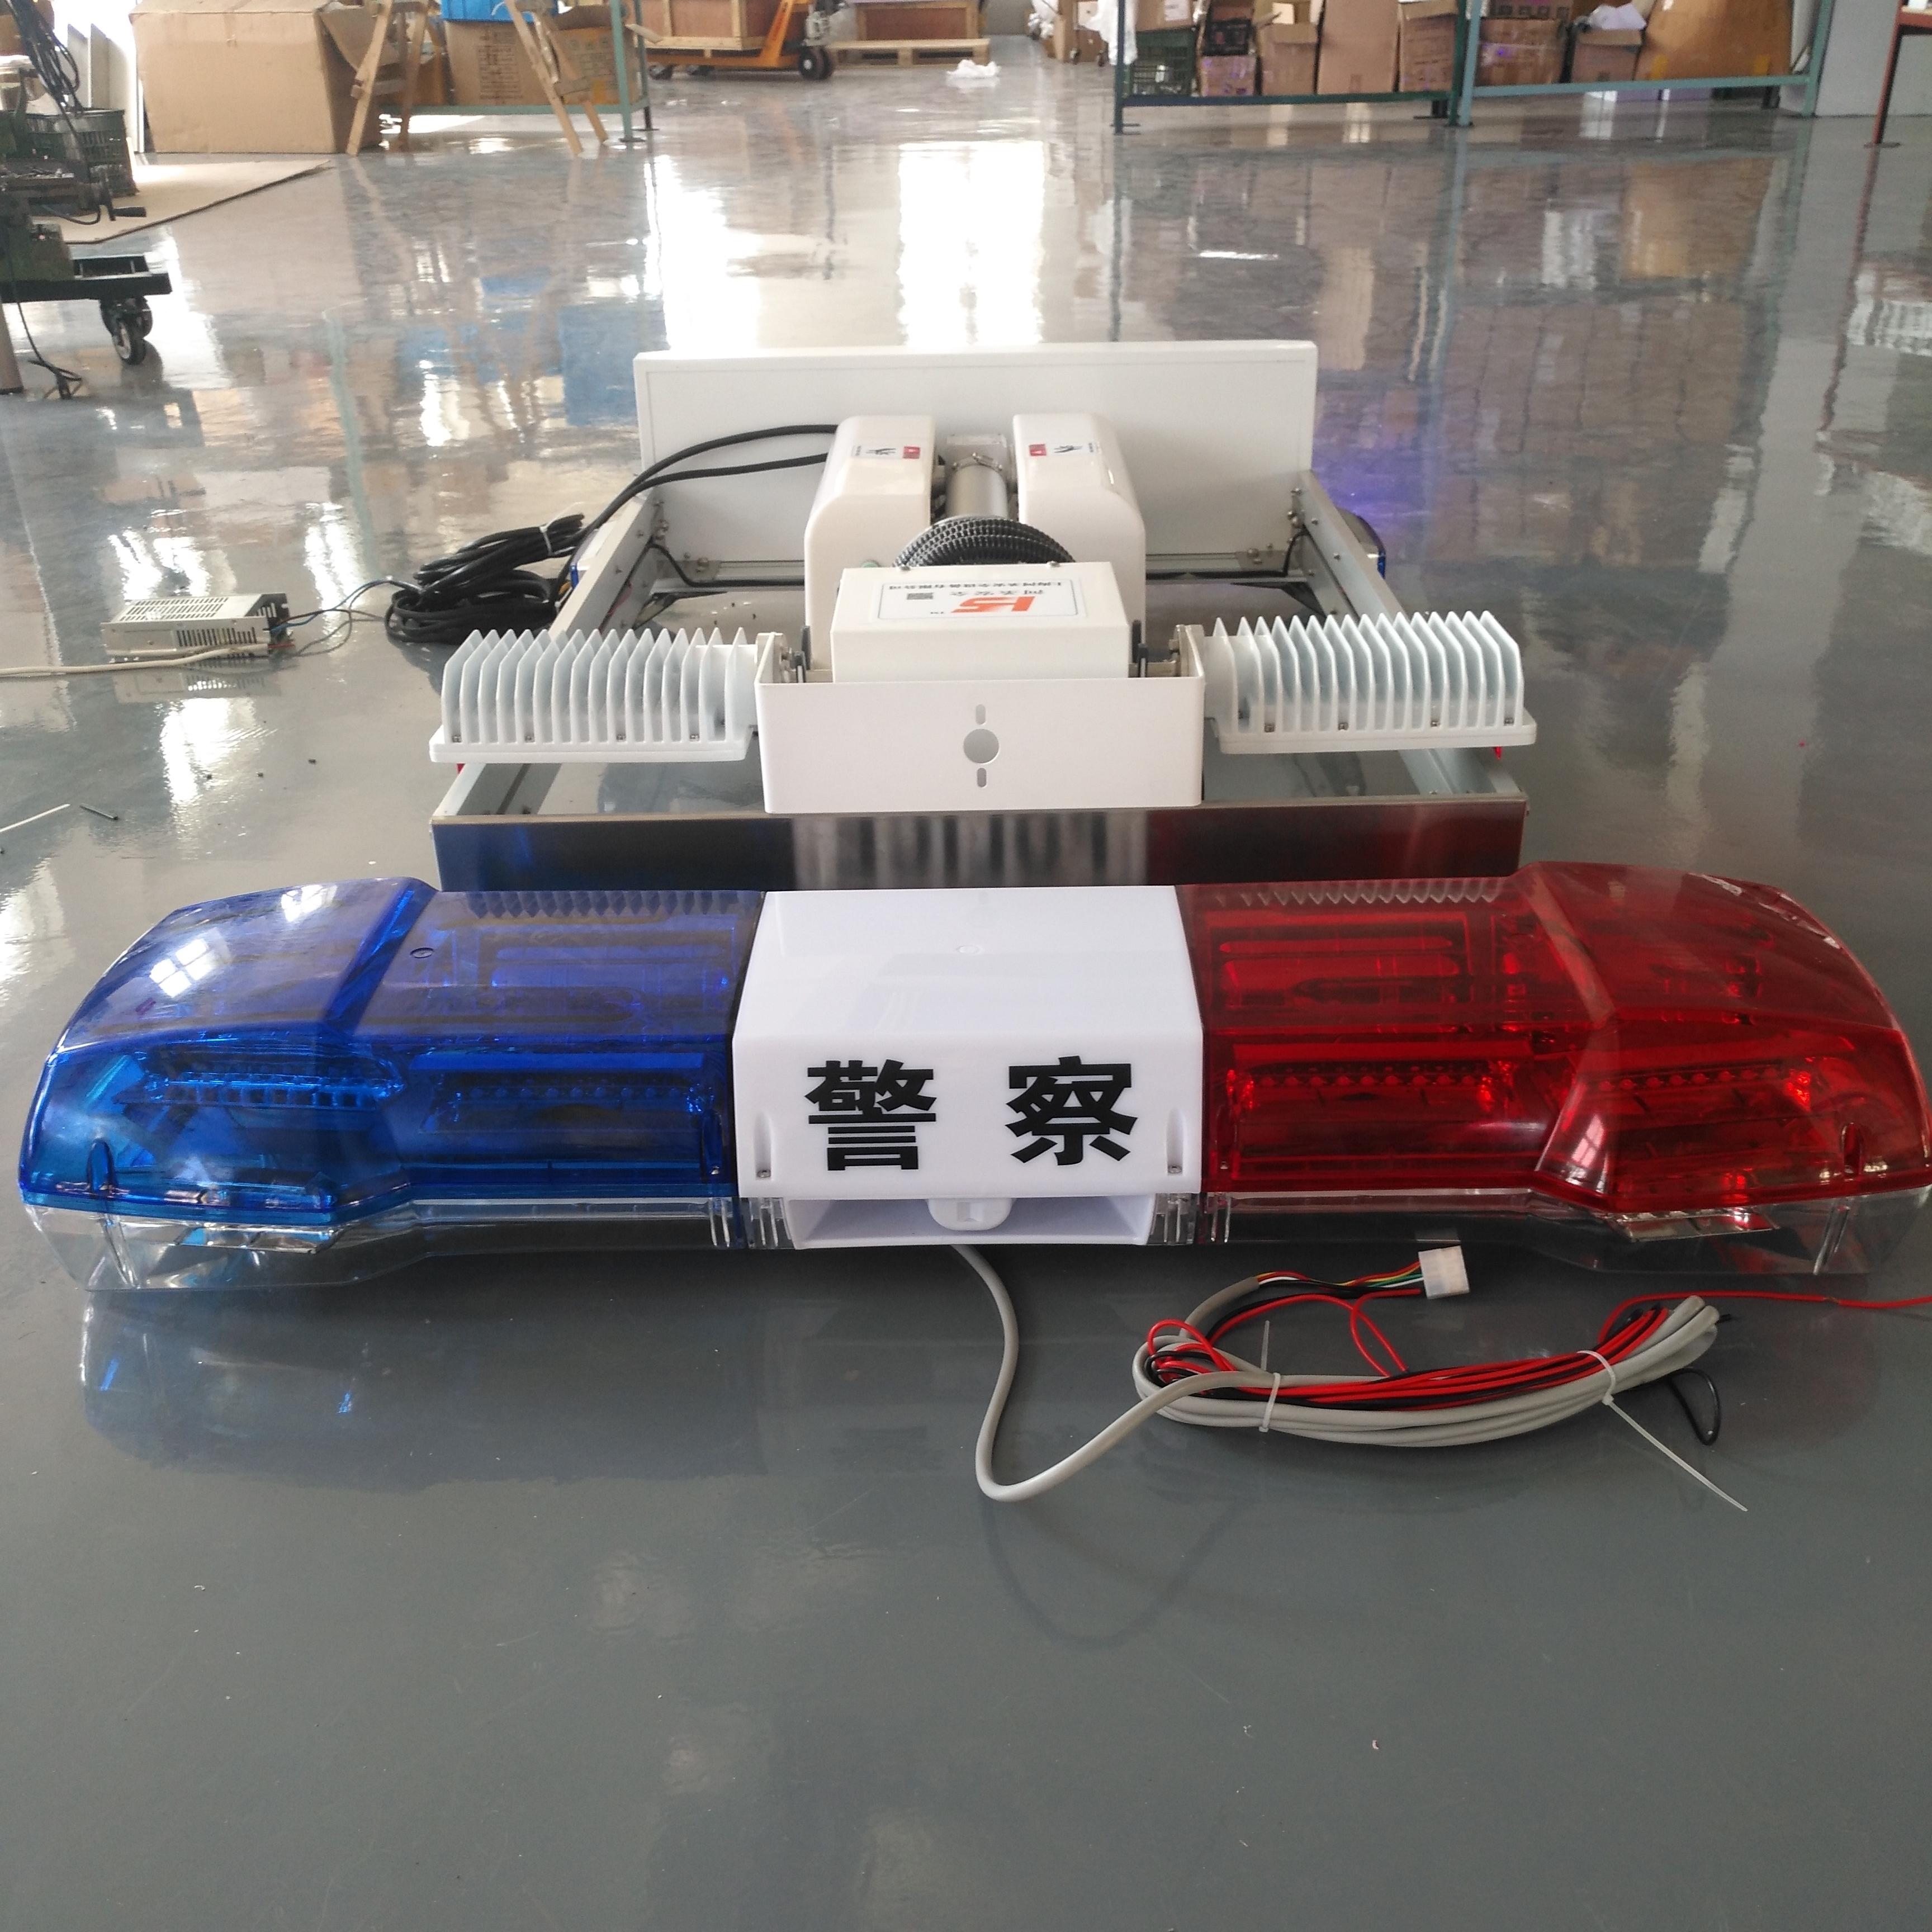 8kgw投光灯 车载移动照明设备 云台探照灯